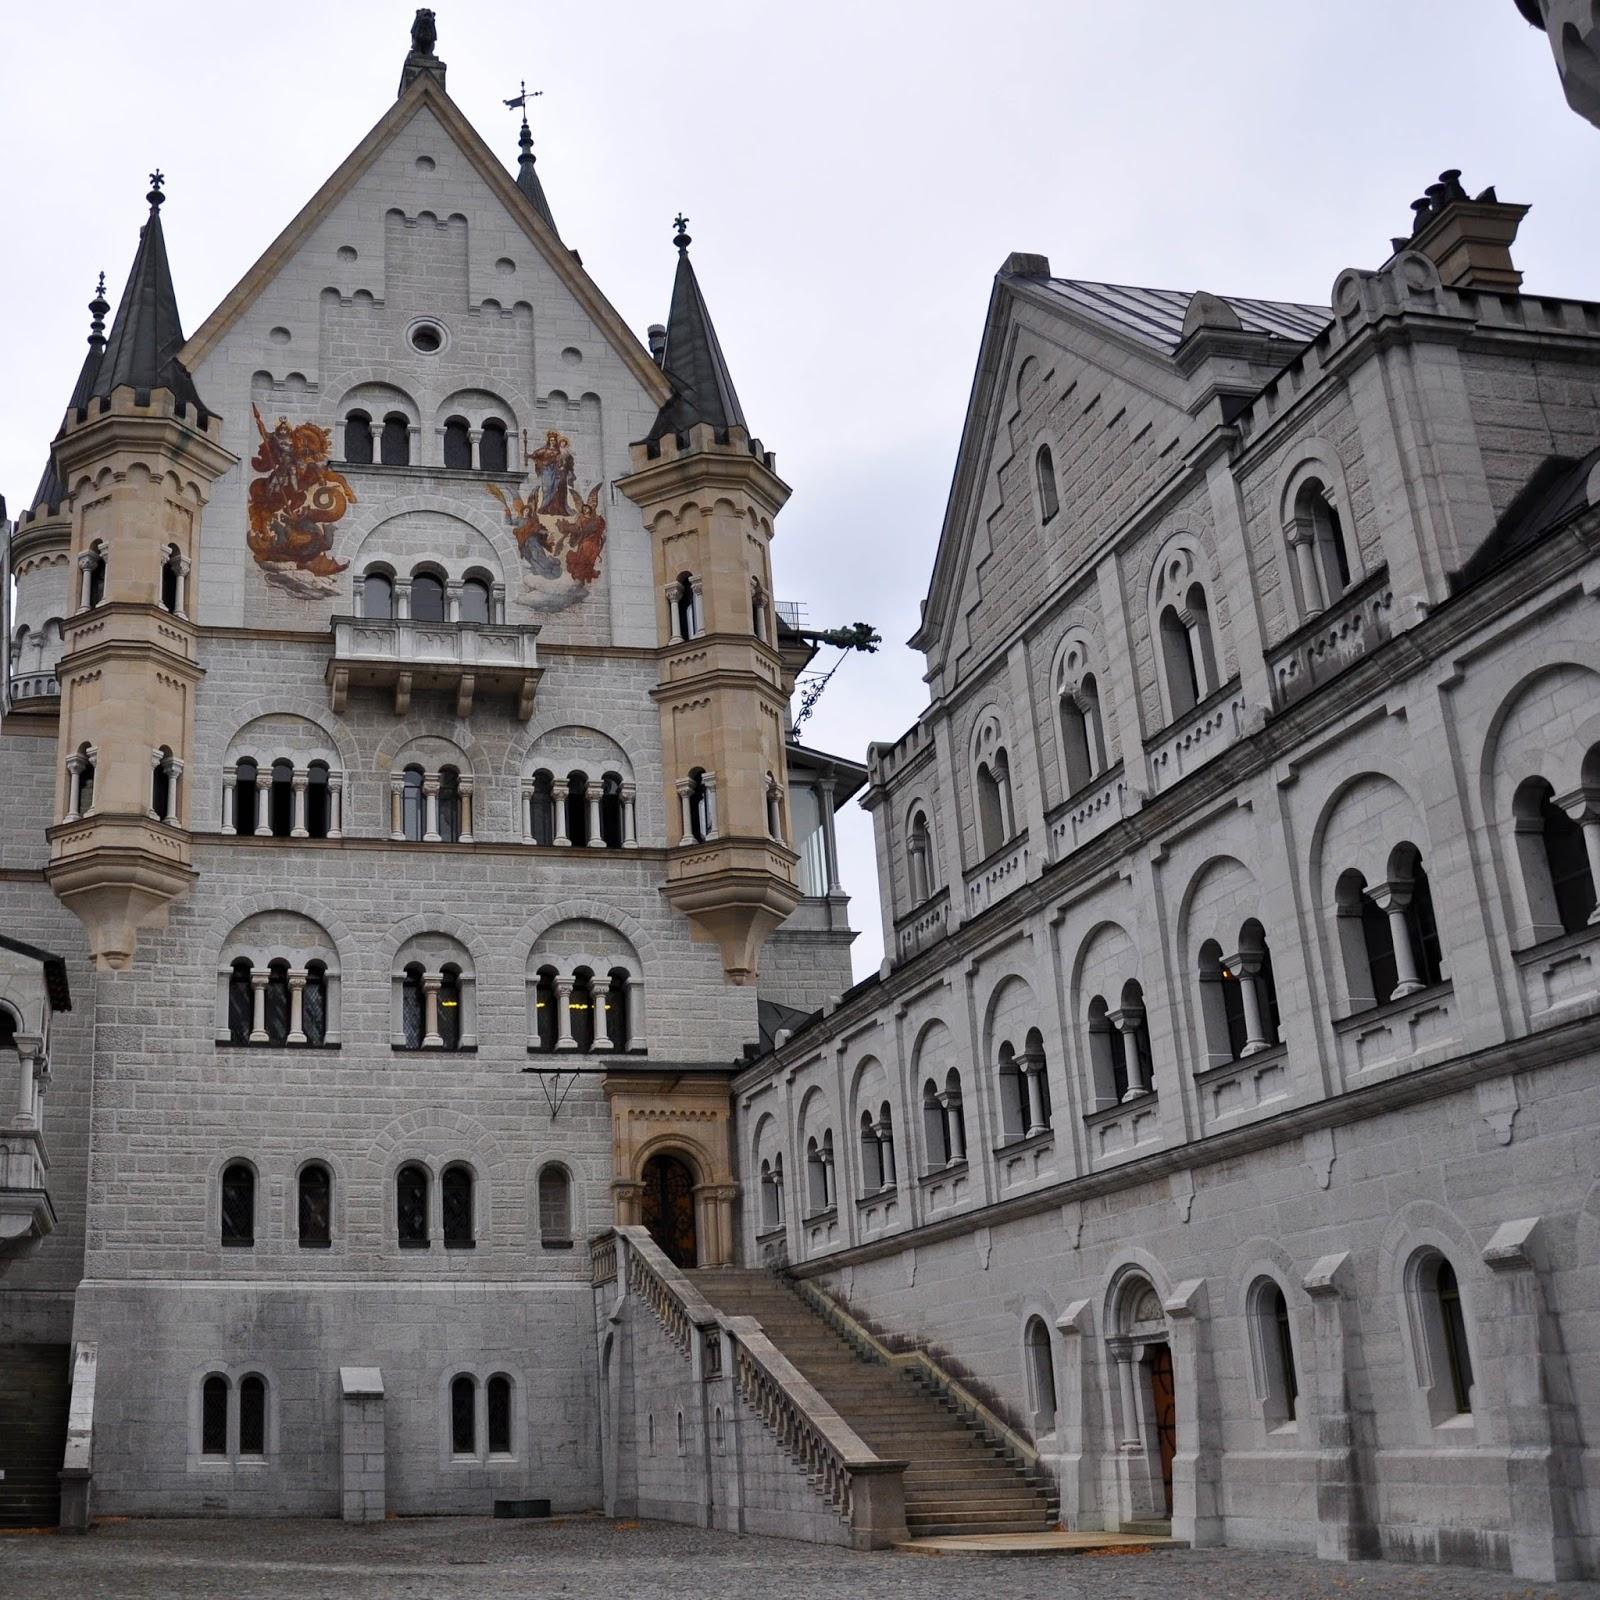 The Courtyard, Neuschwanstein Castle, Bavaria, Germany